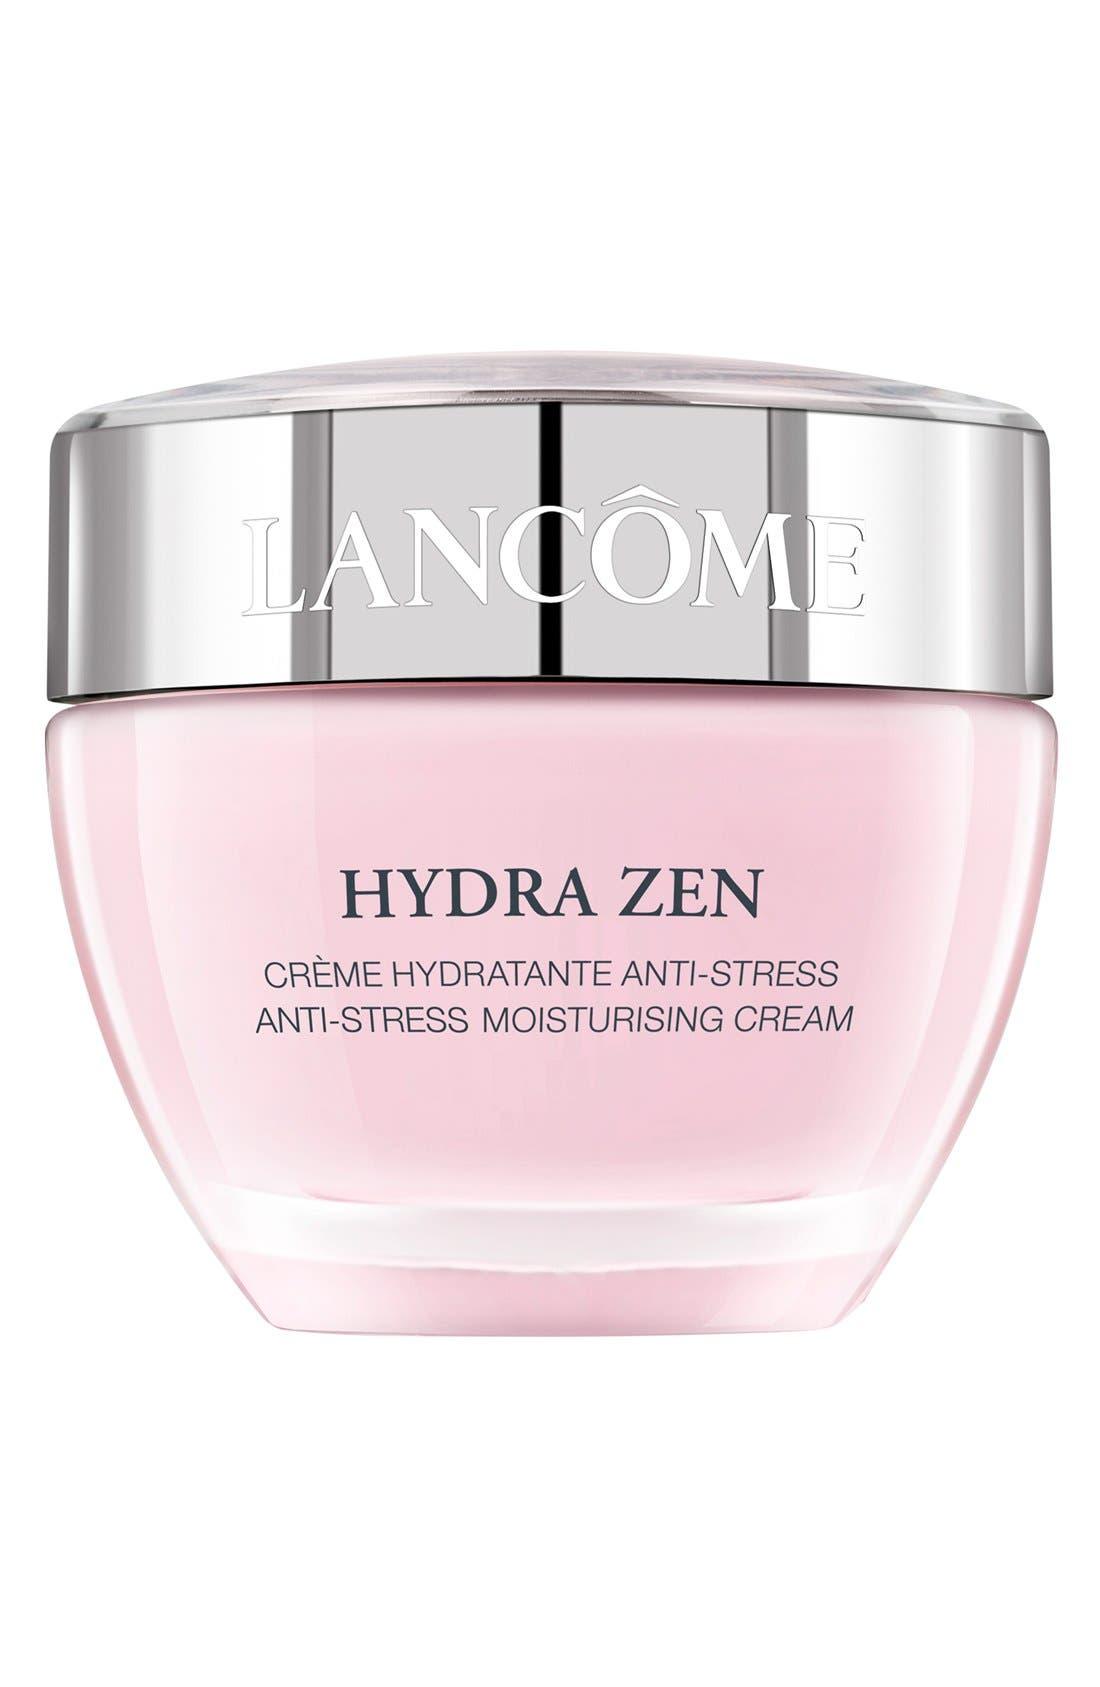 Lancome Hydra Zen Anti-Stress Moisturizing Cream